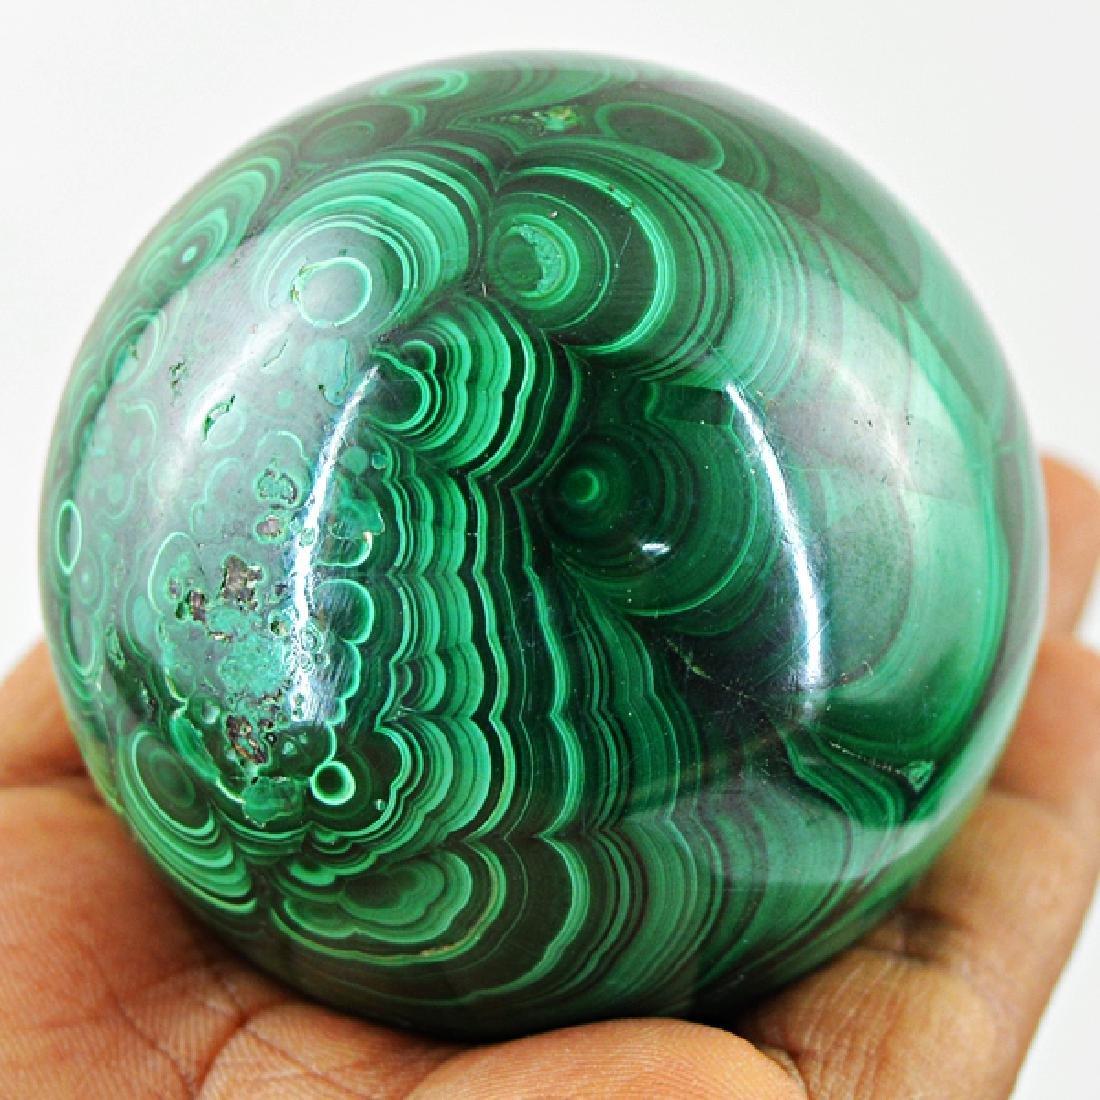 Malachite Healing Ball - 2